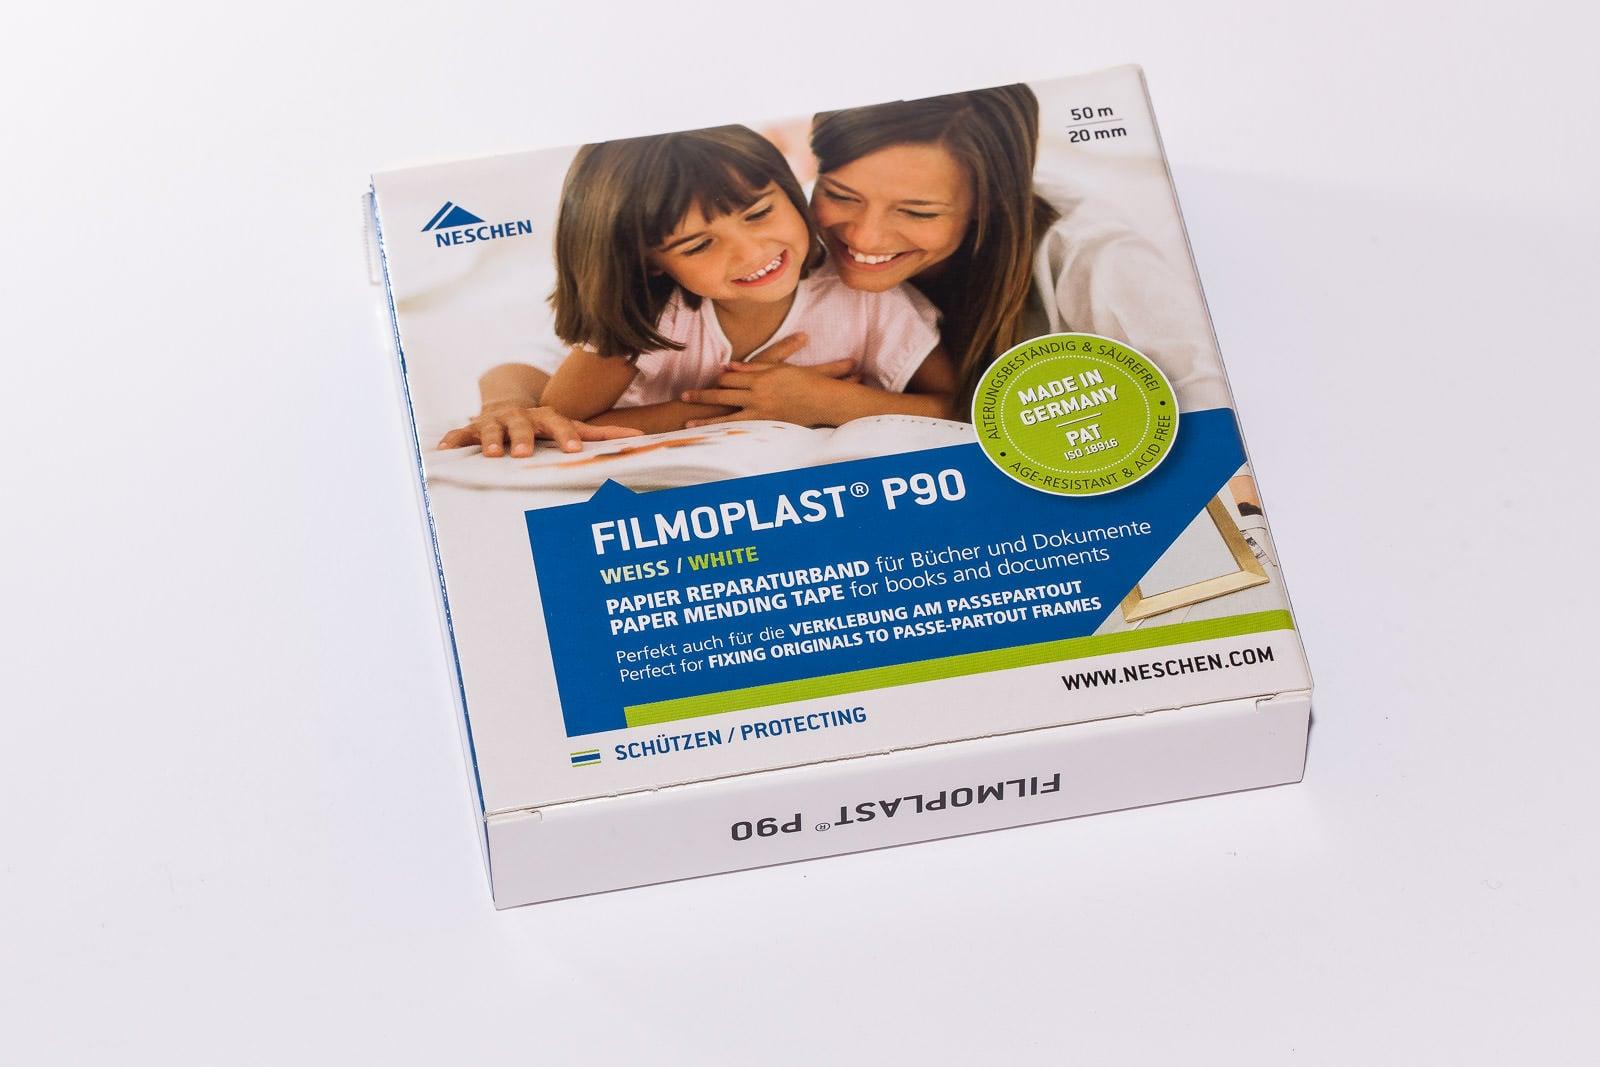 Filmoplast P 90, auch im Spender, ist ein säurefreies und gepuffertes Klebeband der Marke Filmoplast